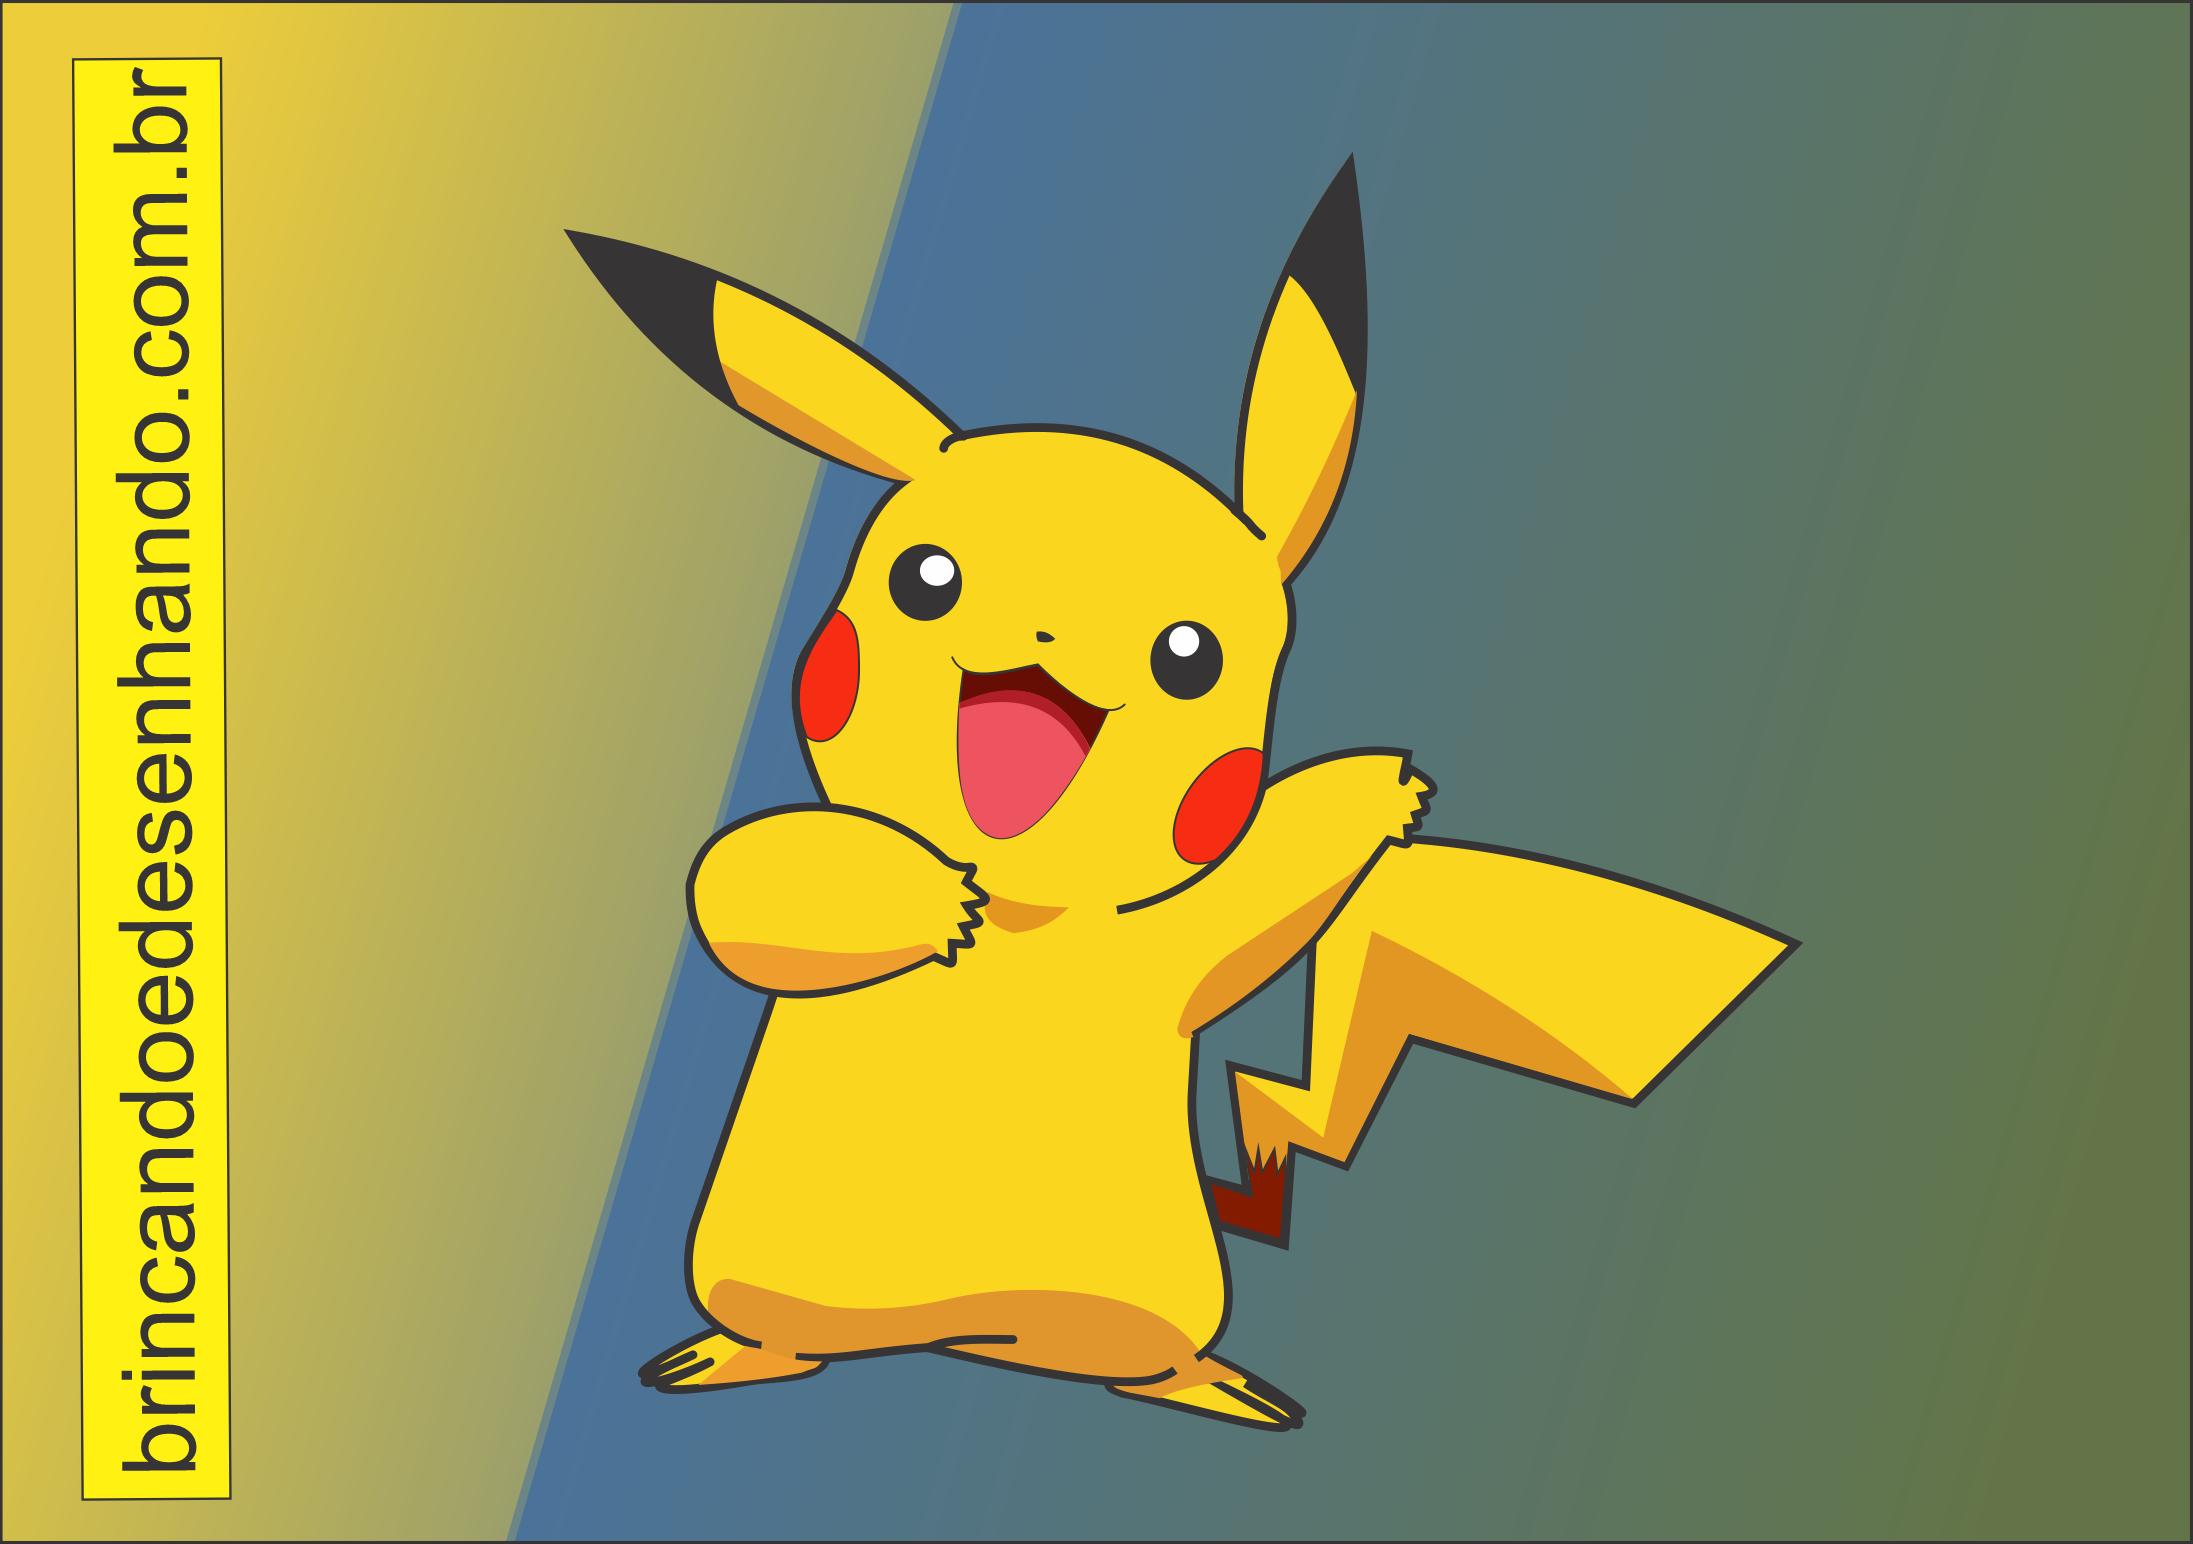 Como Desenhar Pokemon Pikachu Brincando E Desenhando